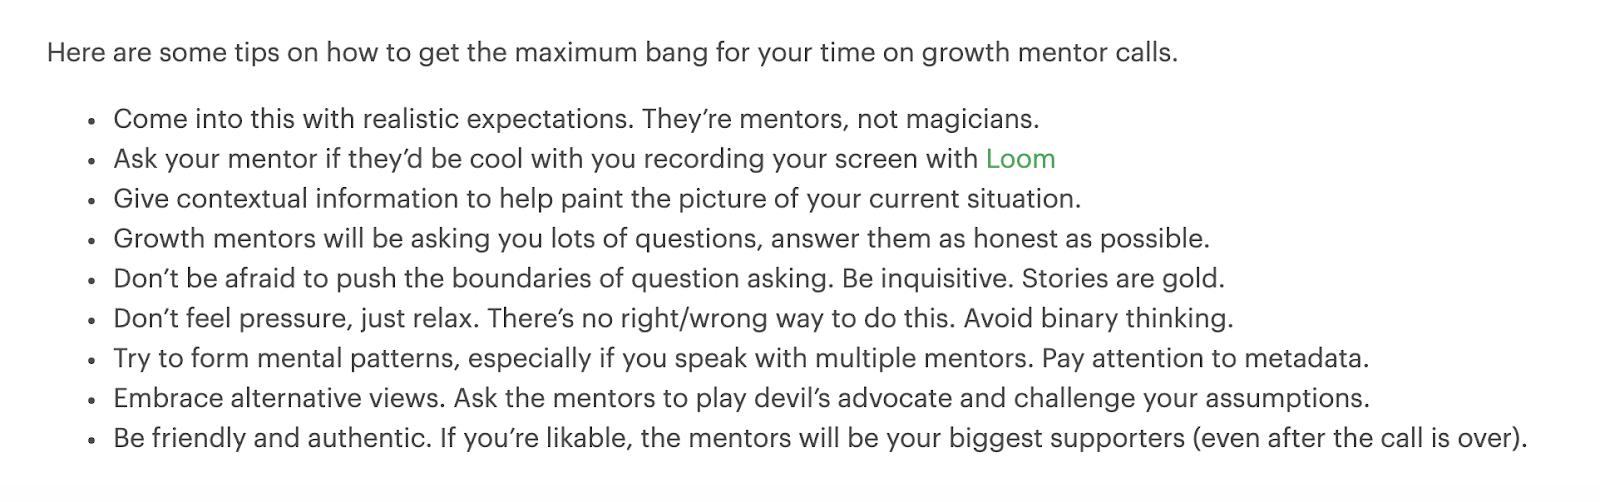 GrowthMentor's tips